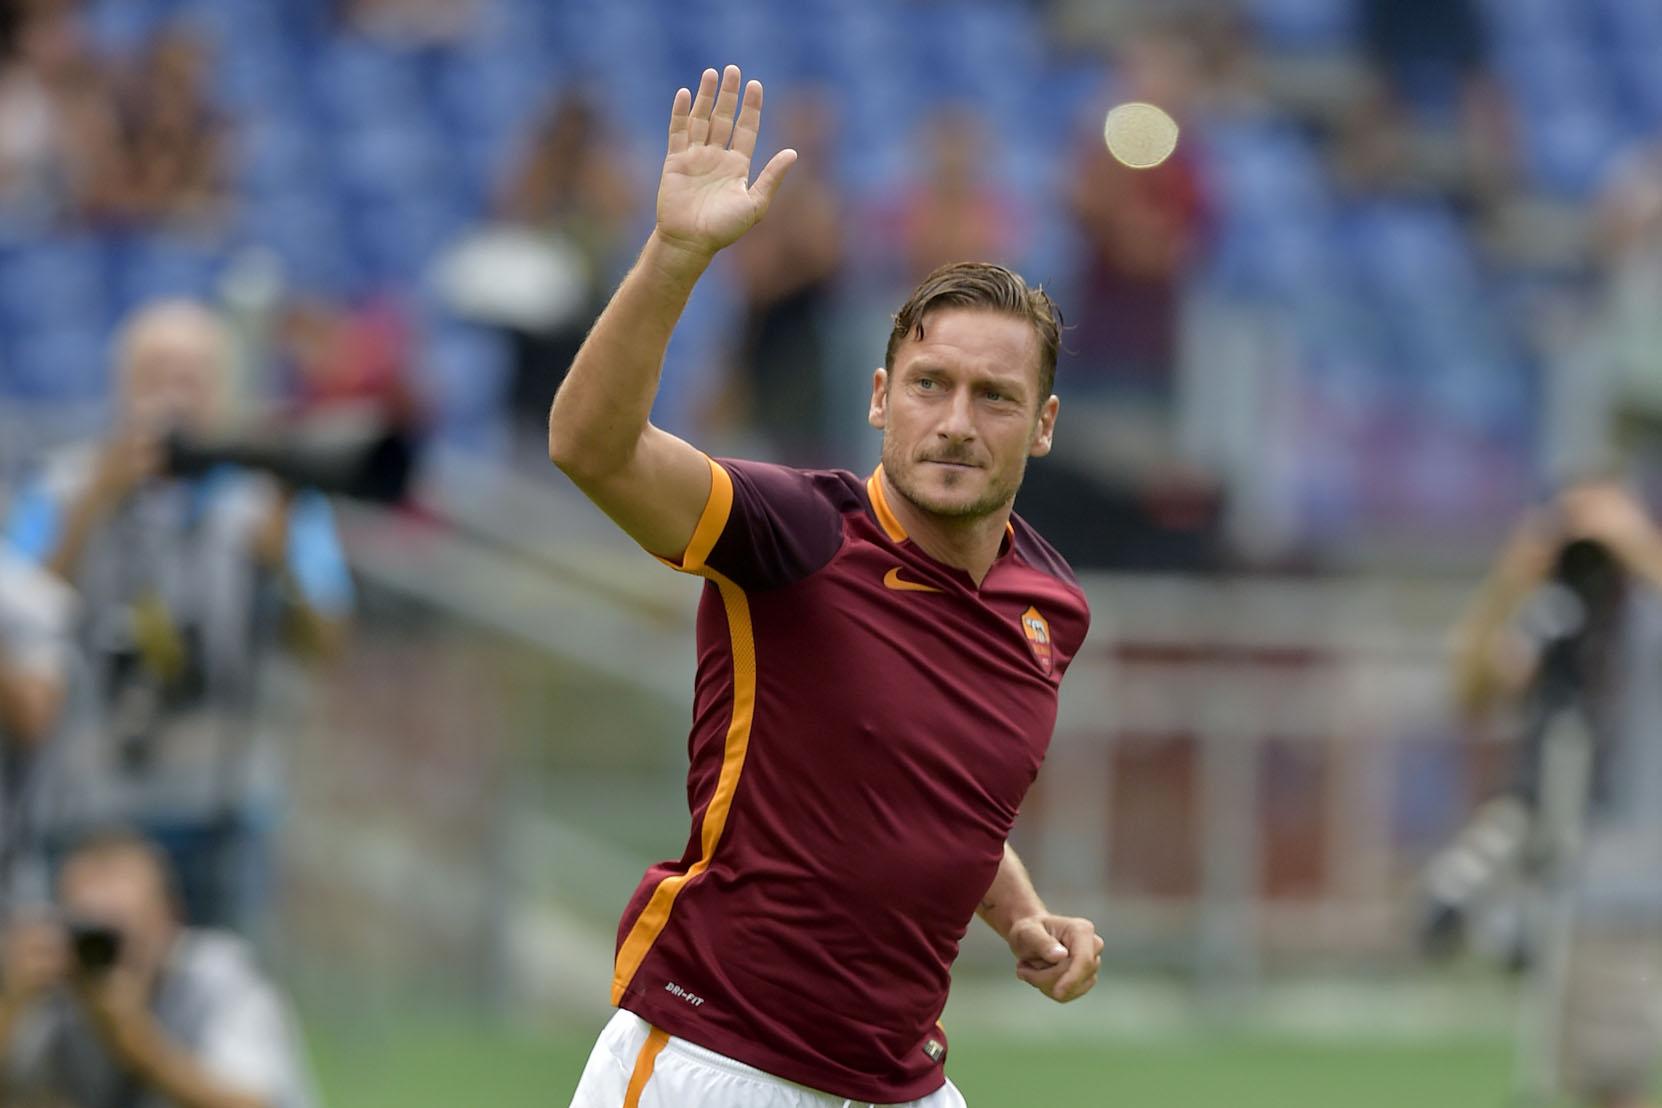 Photo of Daripada Seorang Pengutip Bola Kepada Seorang Lagenda Roma